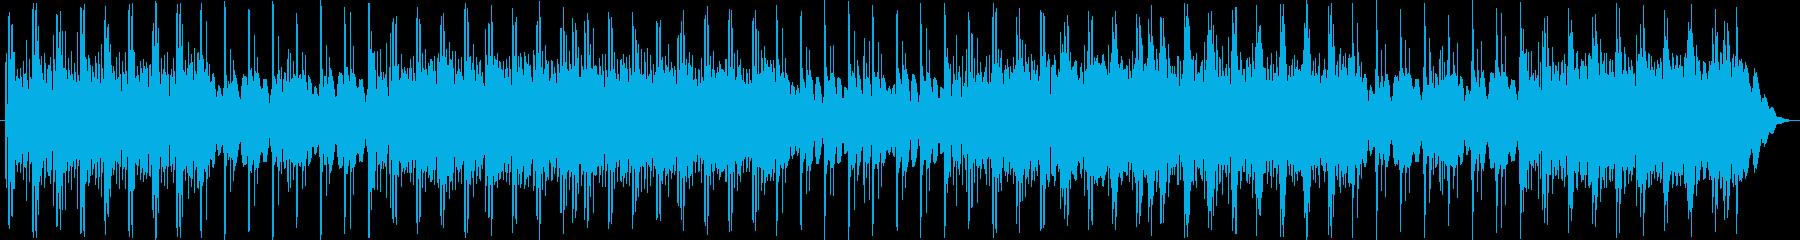 エレクトリックピアノパーツをパンし...の再生済みの波形